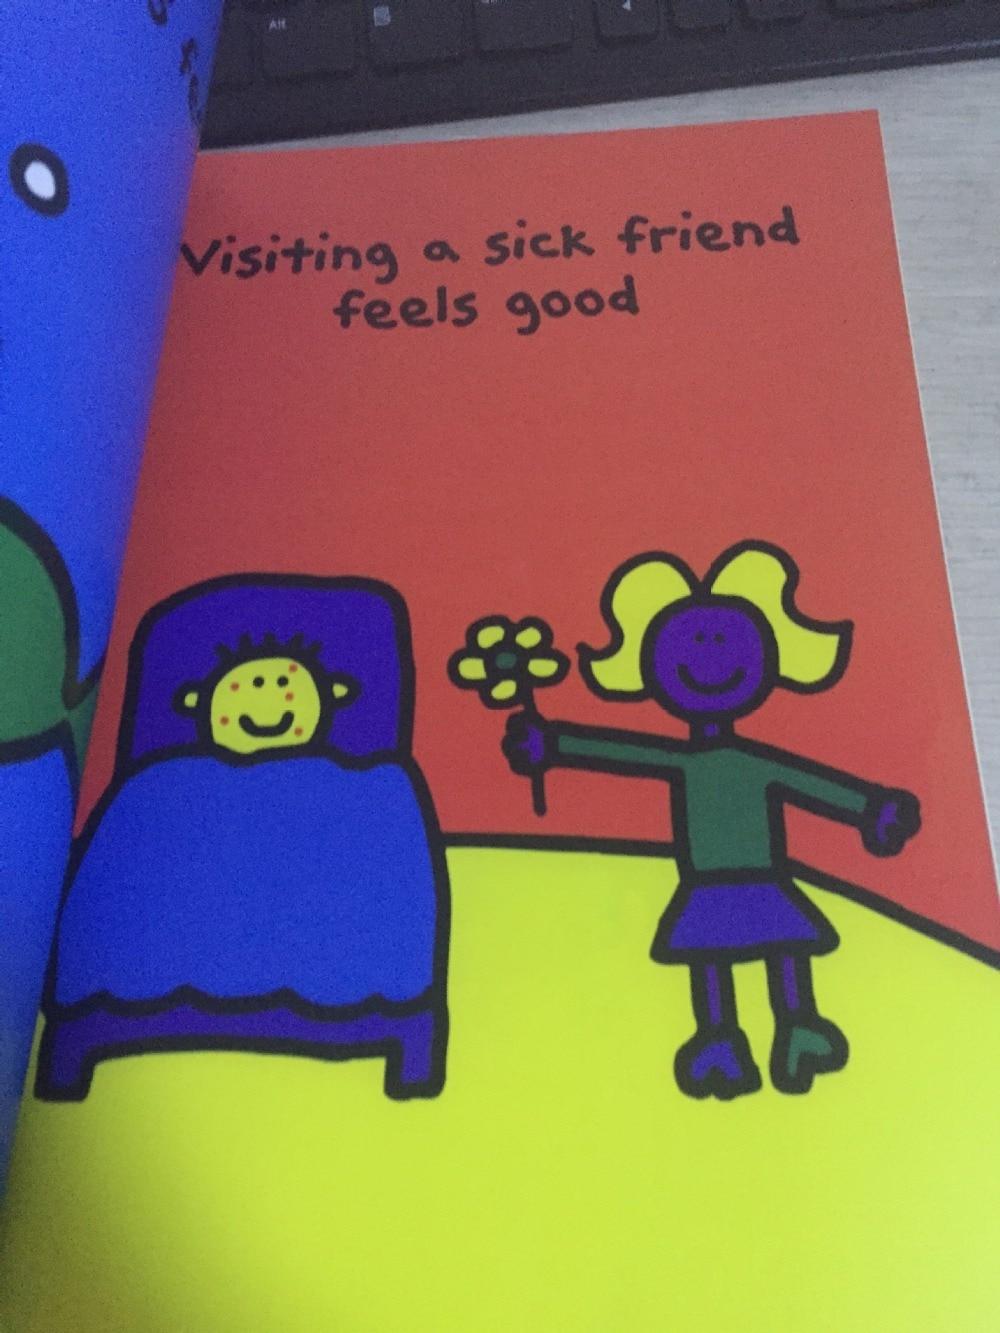 La sensación buen libro original inglés libros de imágenes childres ...